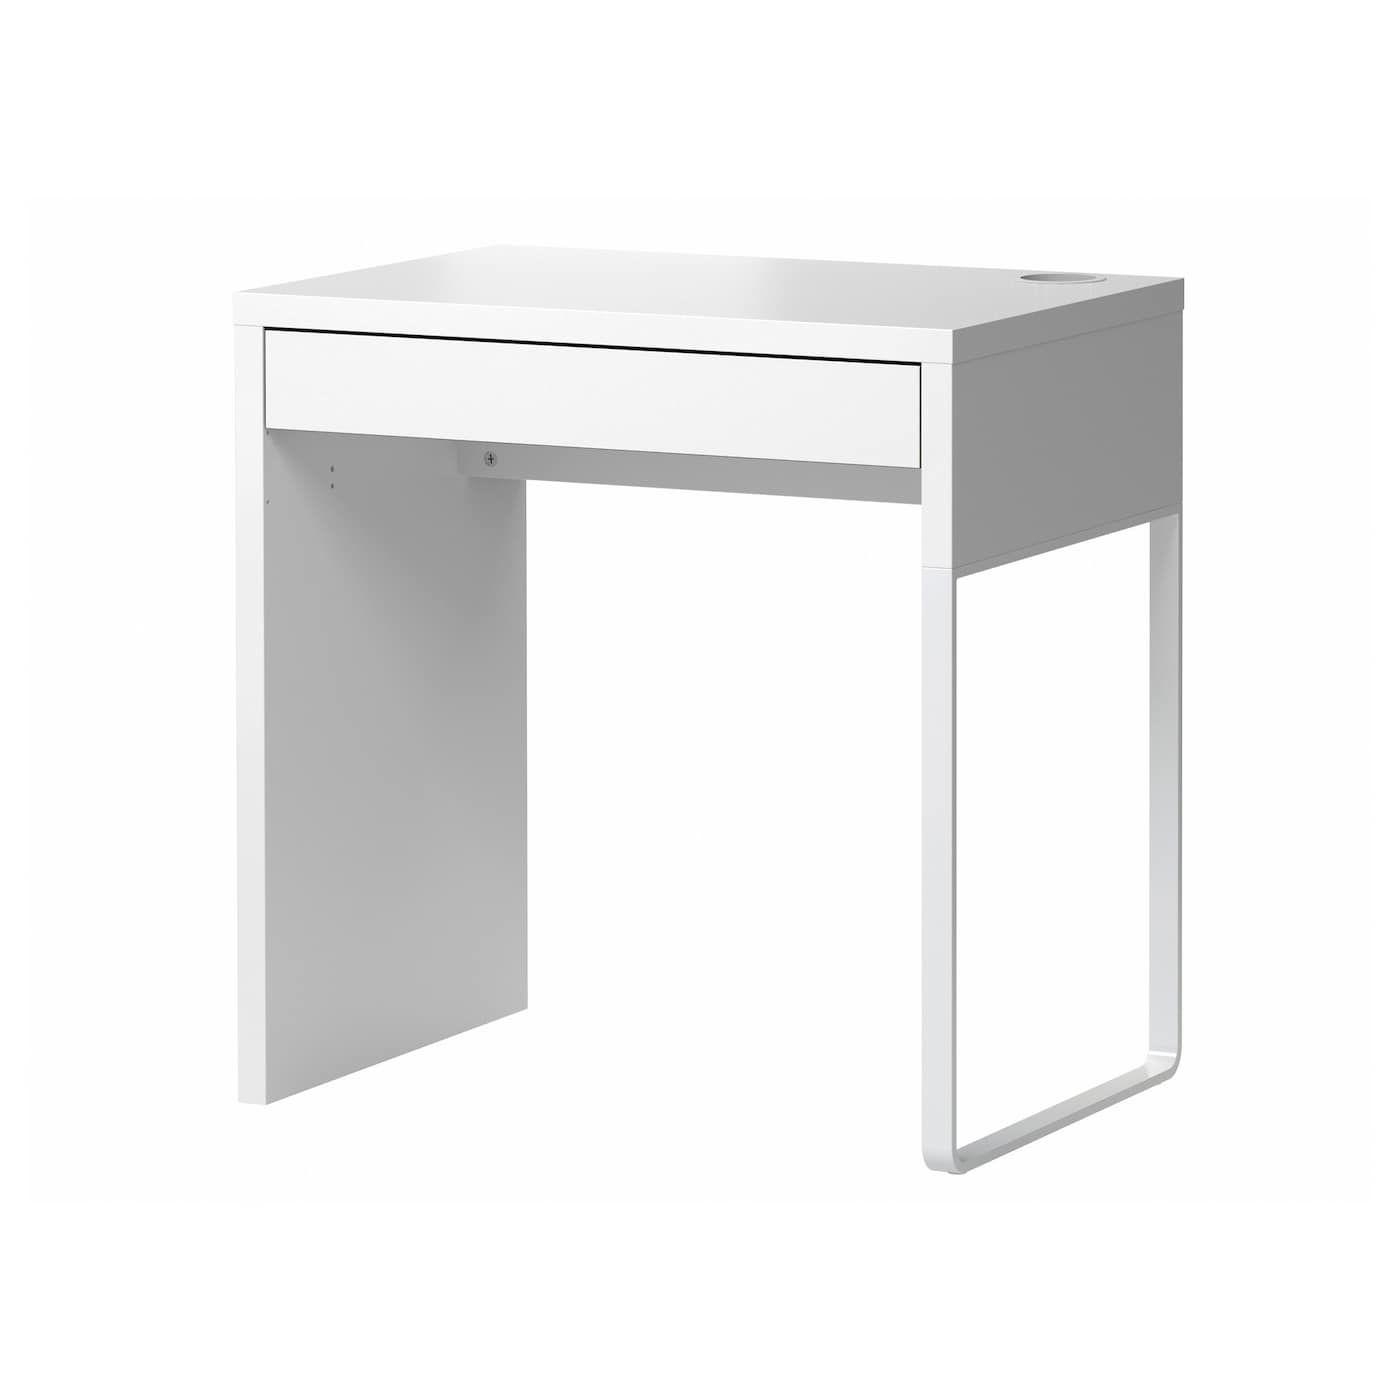 3 4x19 5 8 micke desk ikea micke